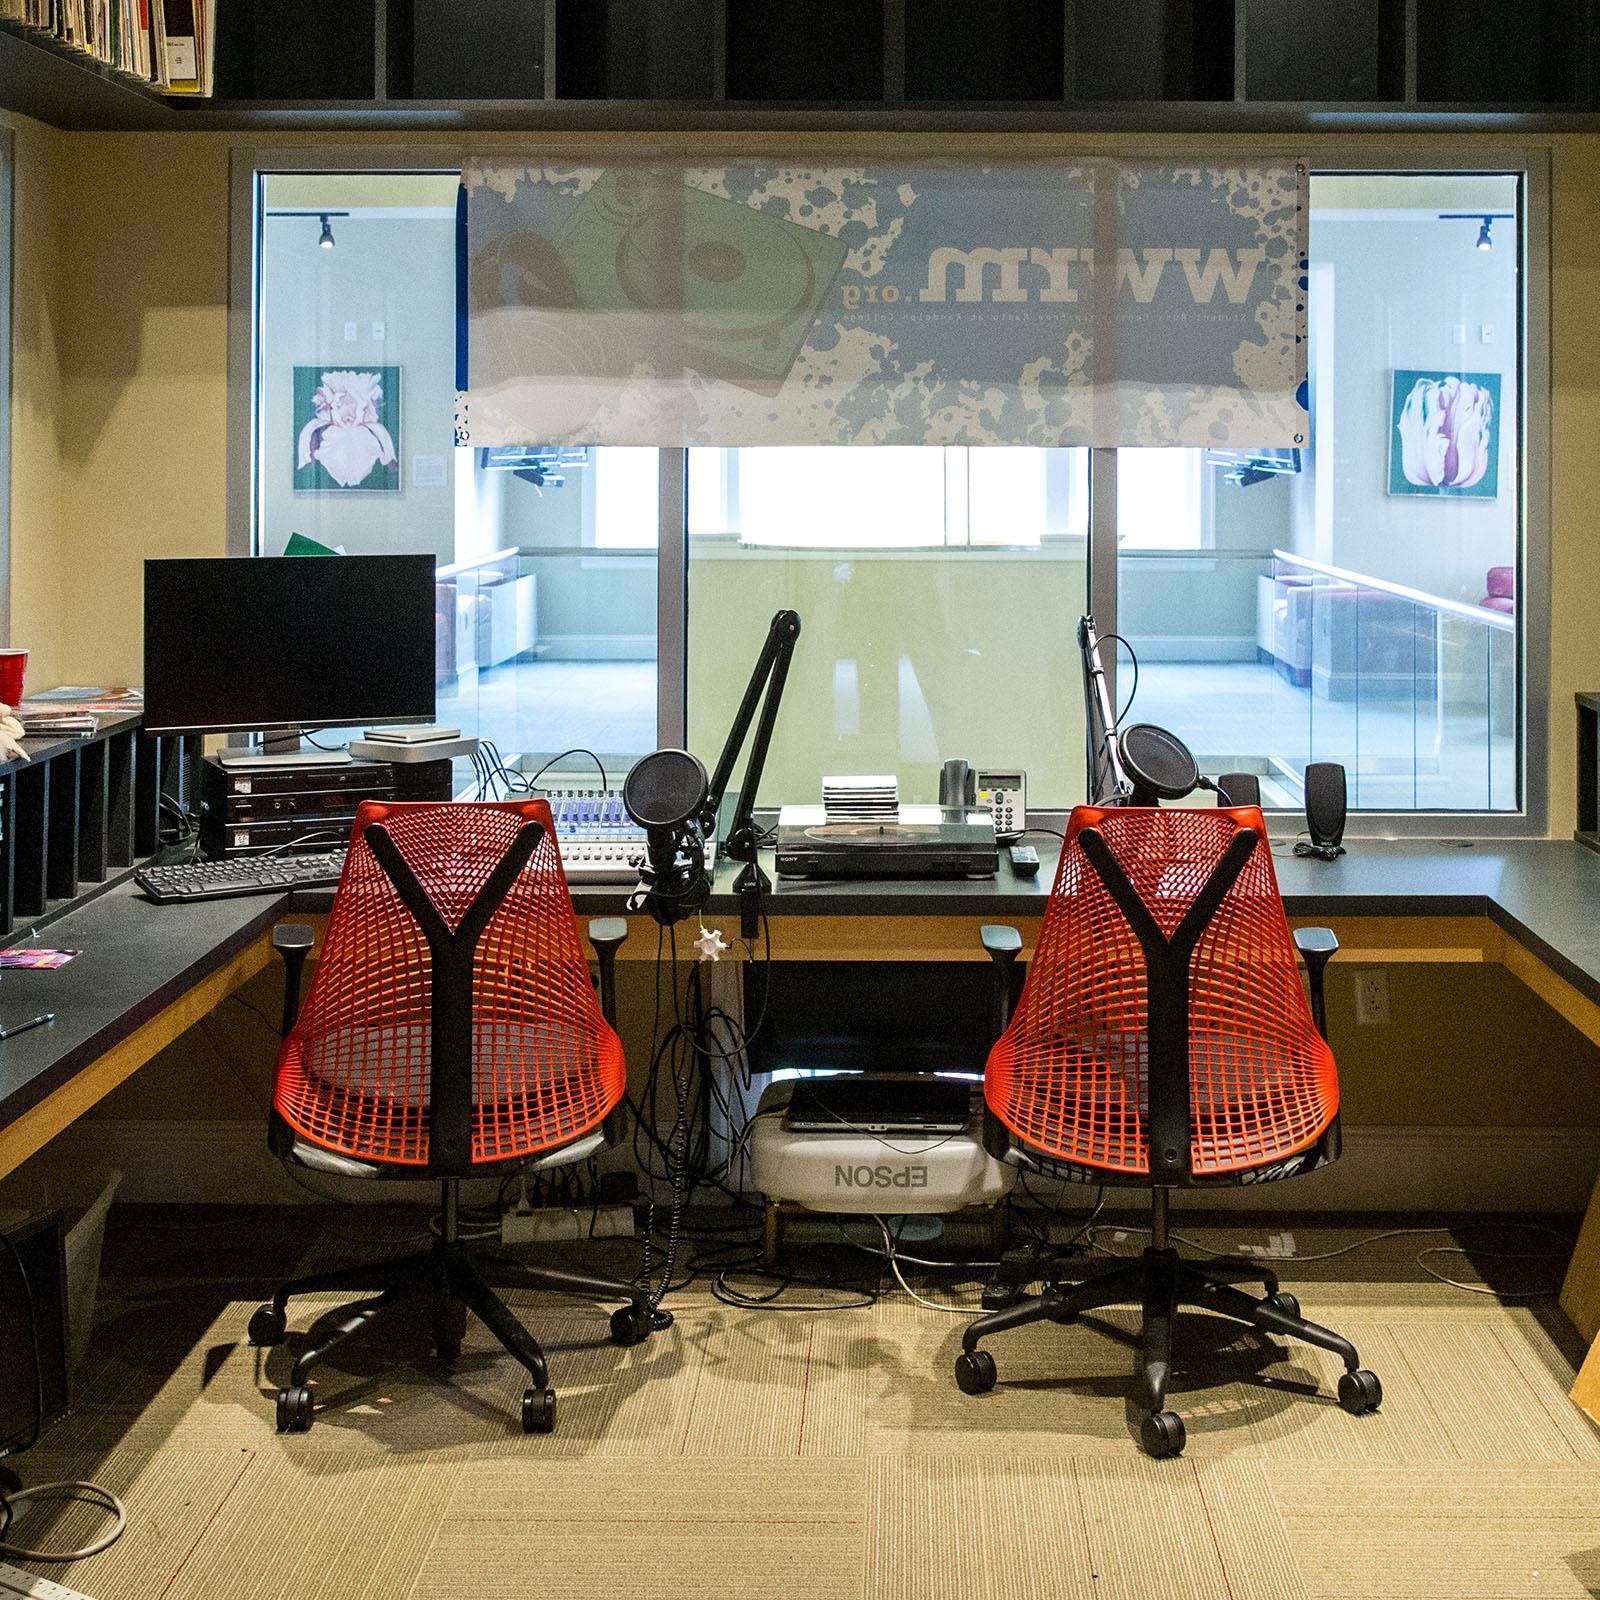 W W R M - The Worm radio studio